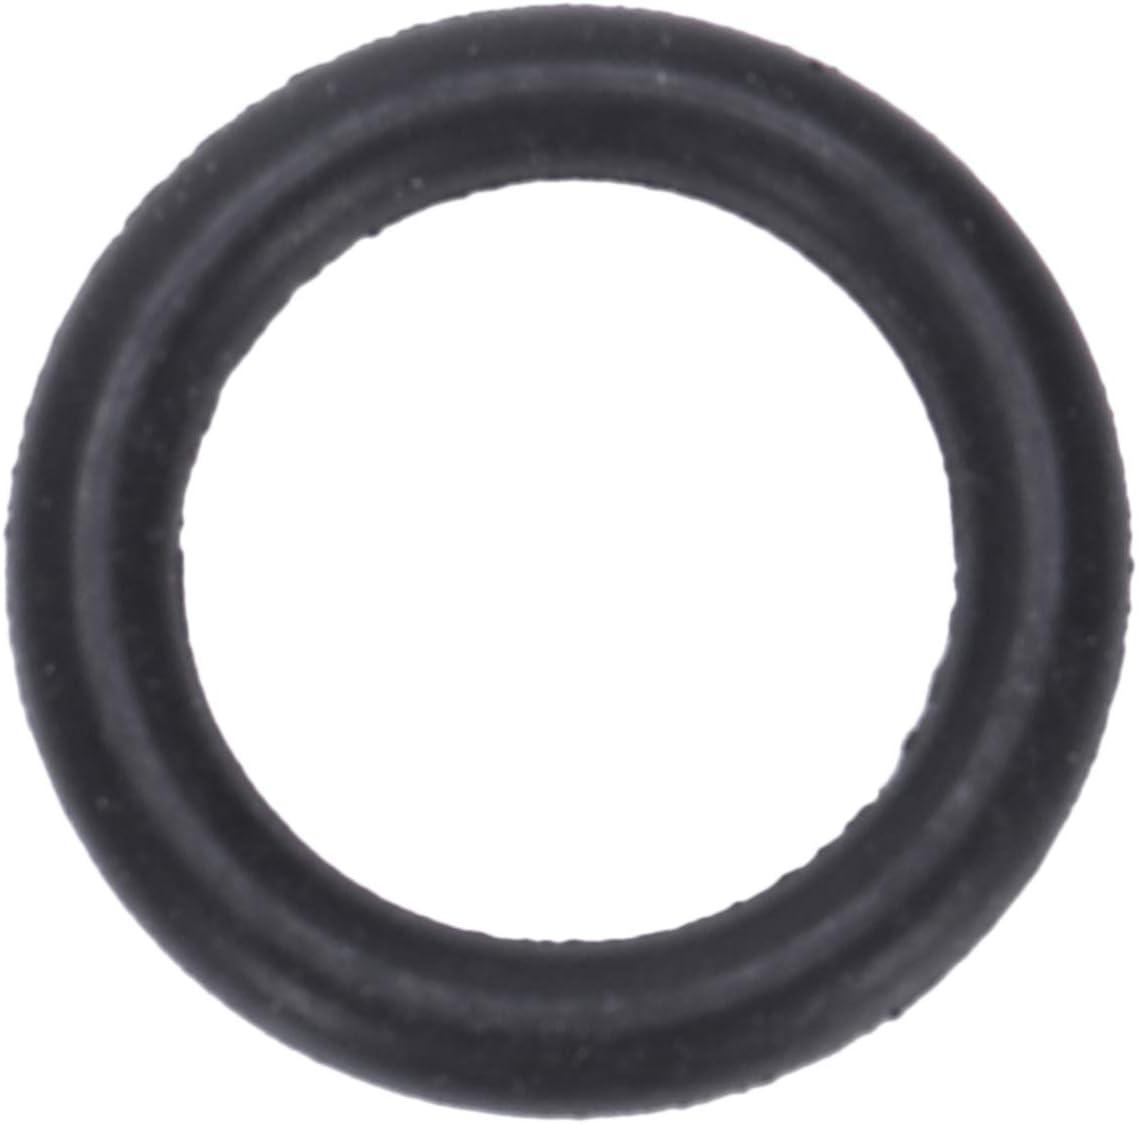 Gaoominy 10 Pi/èCes Rondelles de Joint Torique en Caoutchouc Souple 13 Mm X 2 Mm Noir